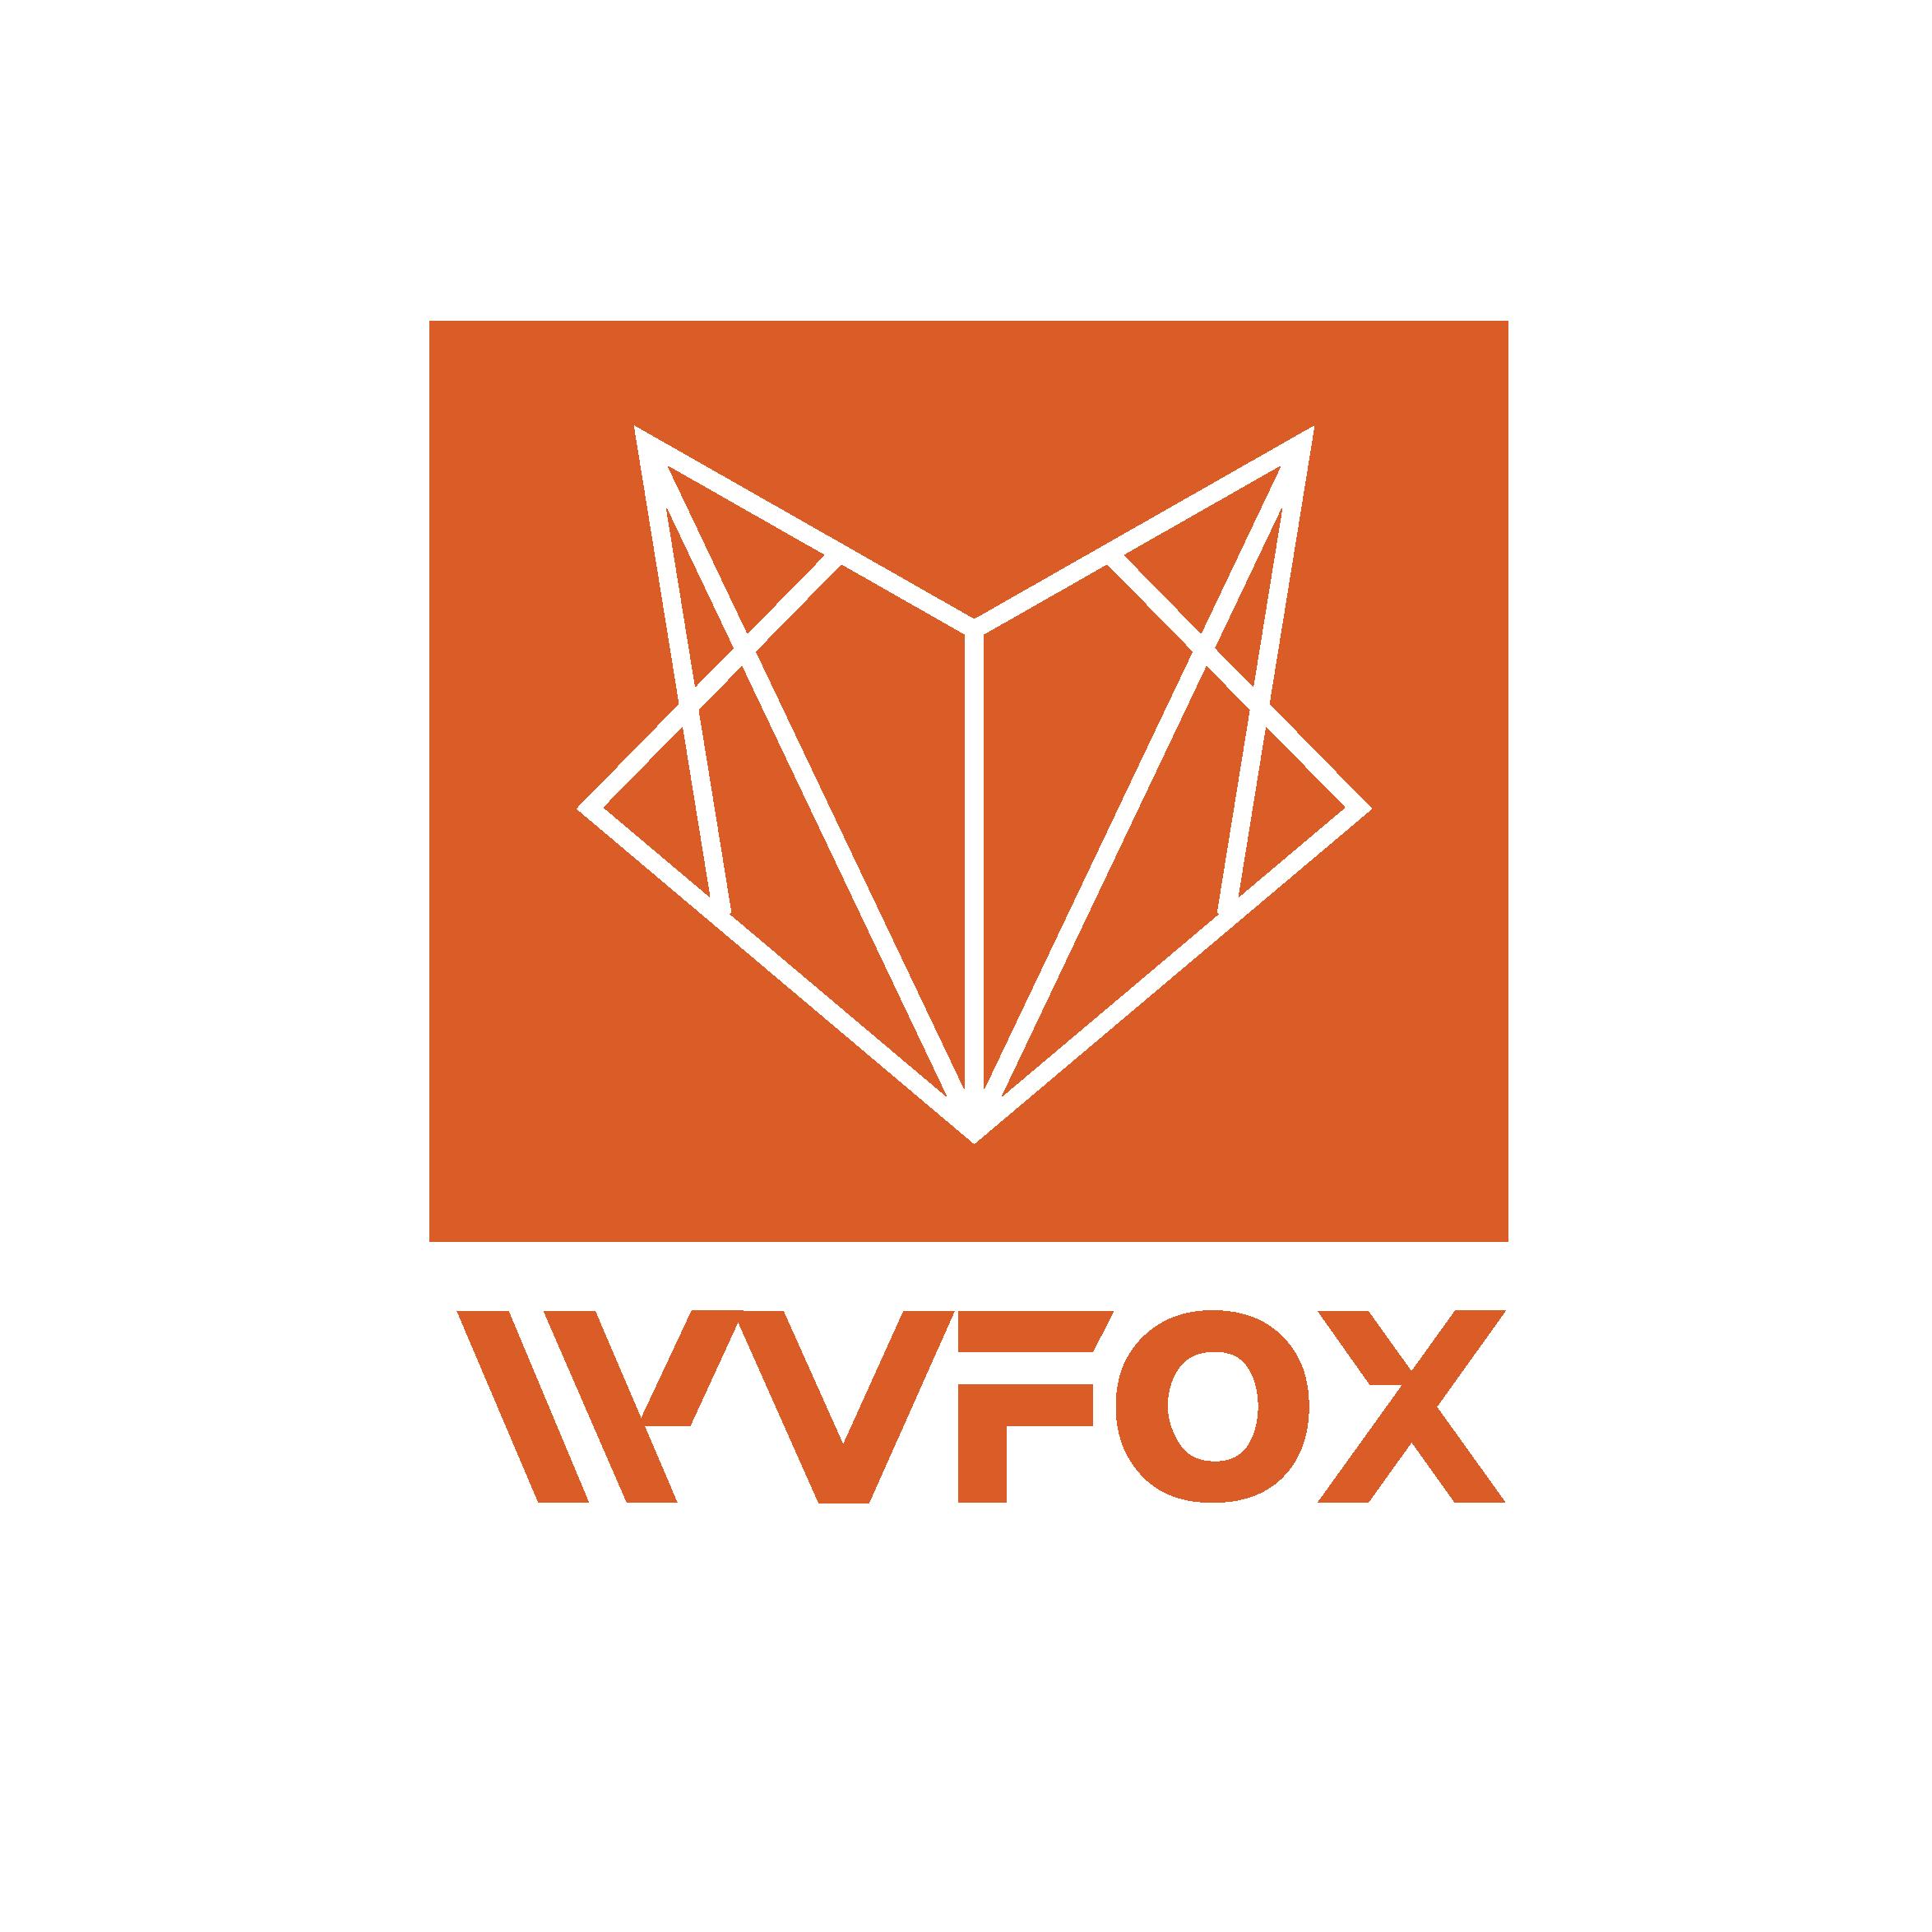 WV-Fox.jpg